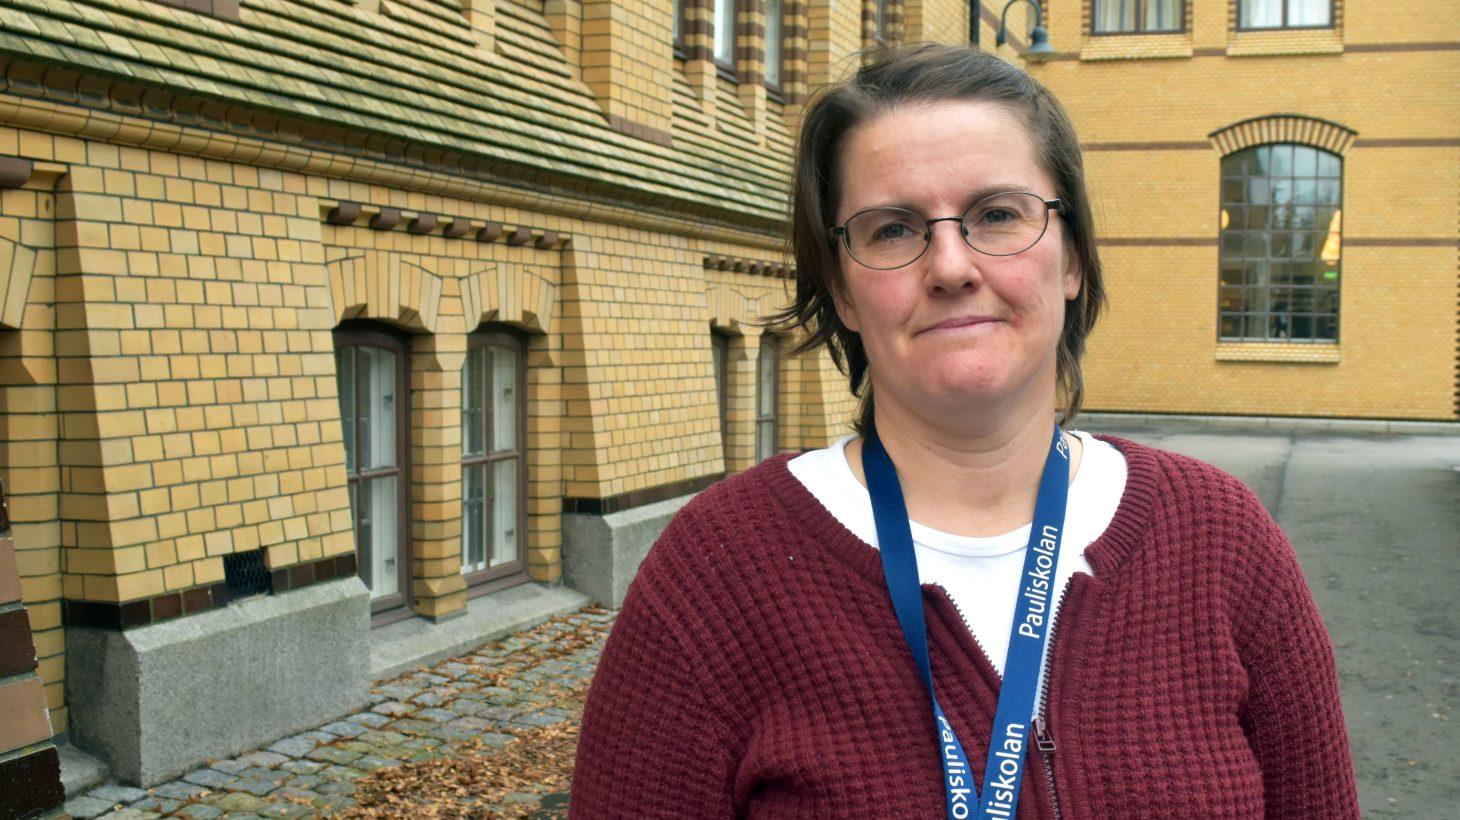 Karolina Göransson, lärare i samhällskunskap och historia på Pauliskolan, står utanför skolan.